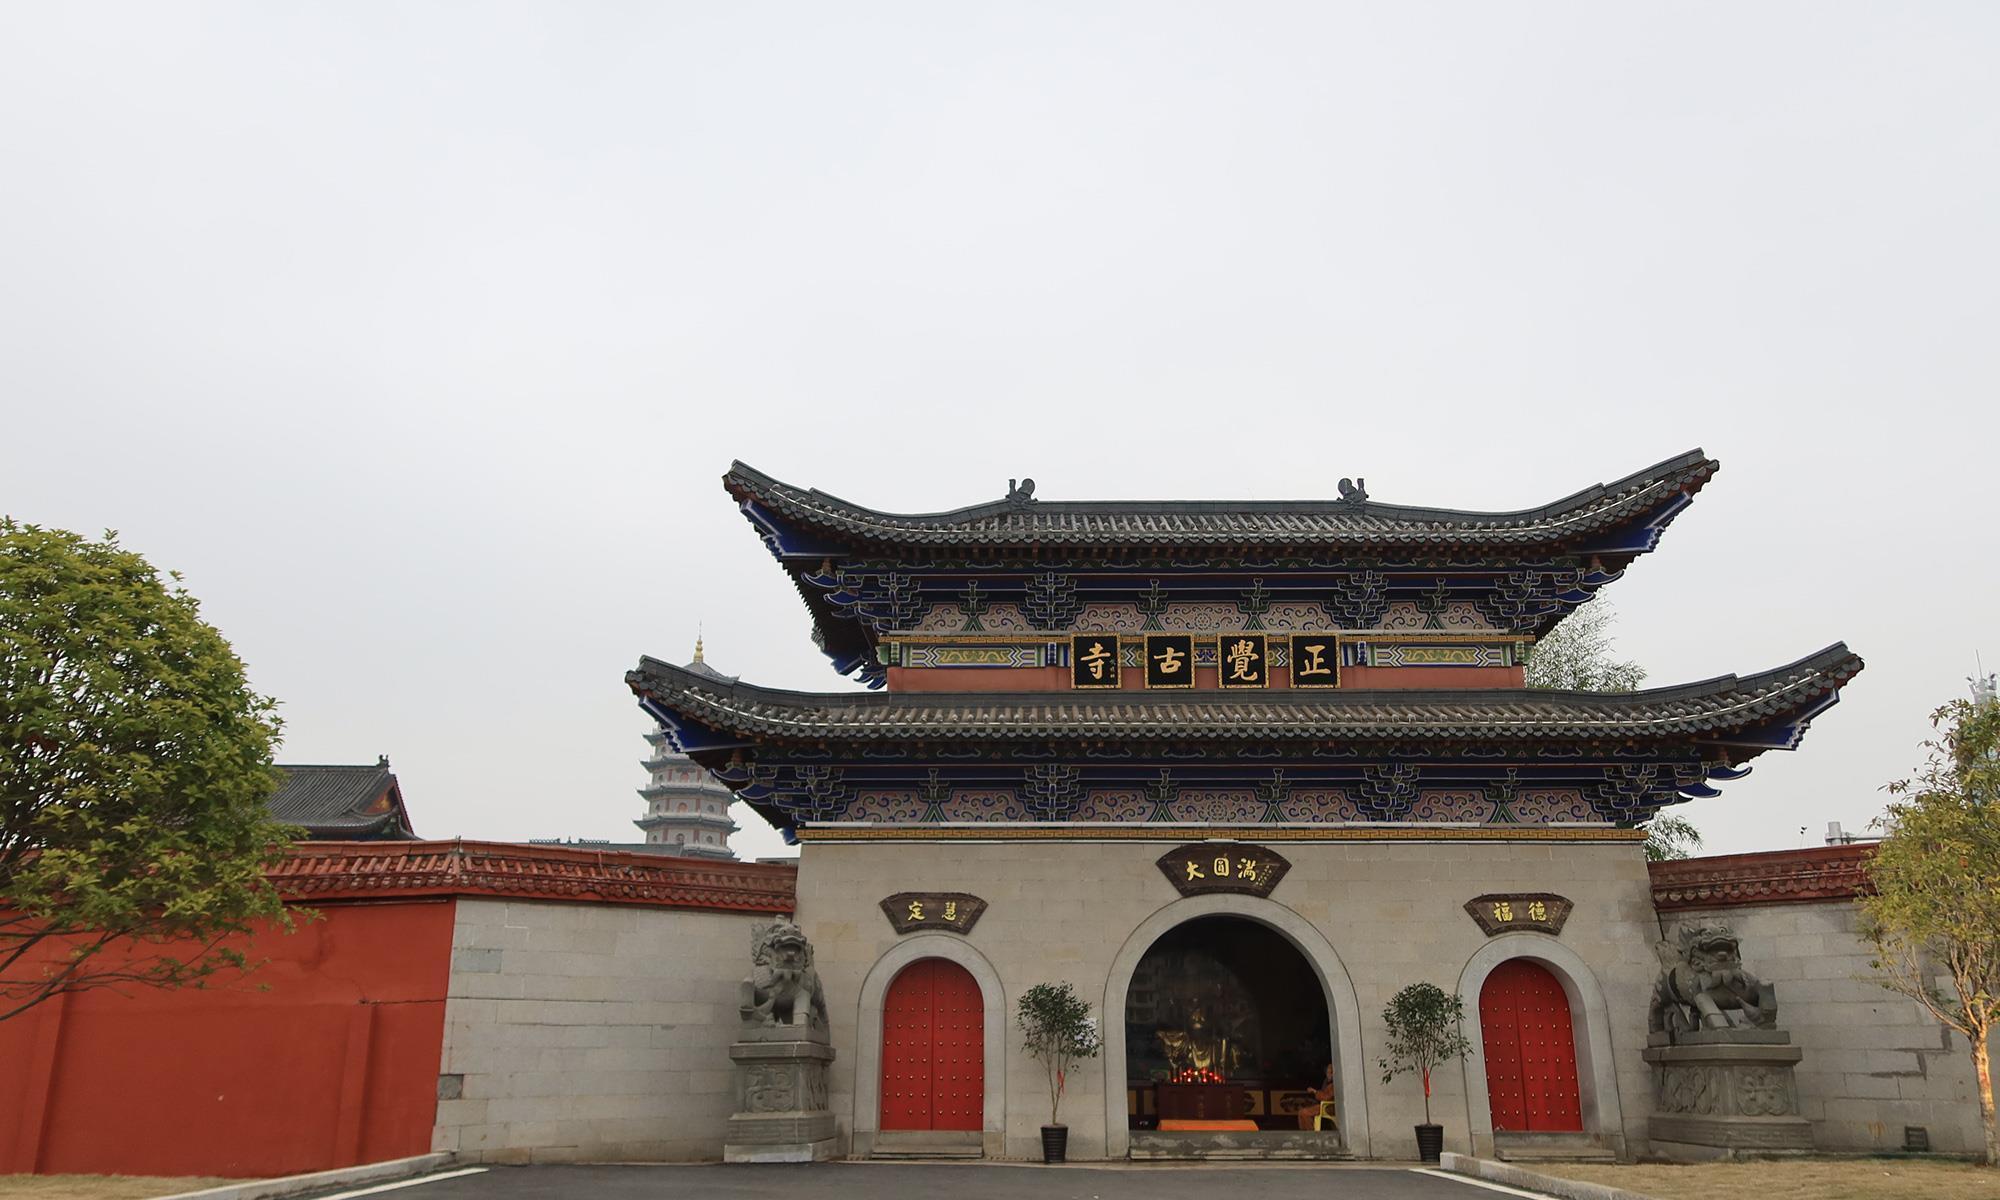 抚州正觉古寺,1600年的佛寺,香火旺盛香客很多